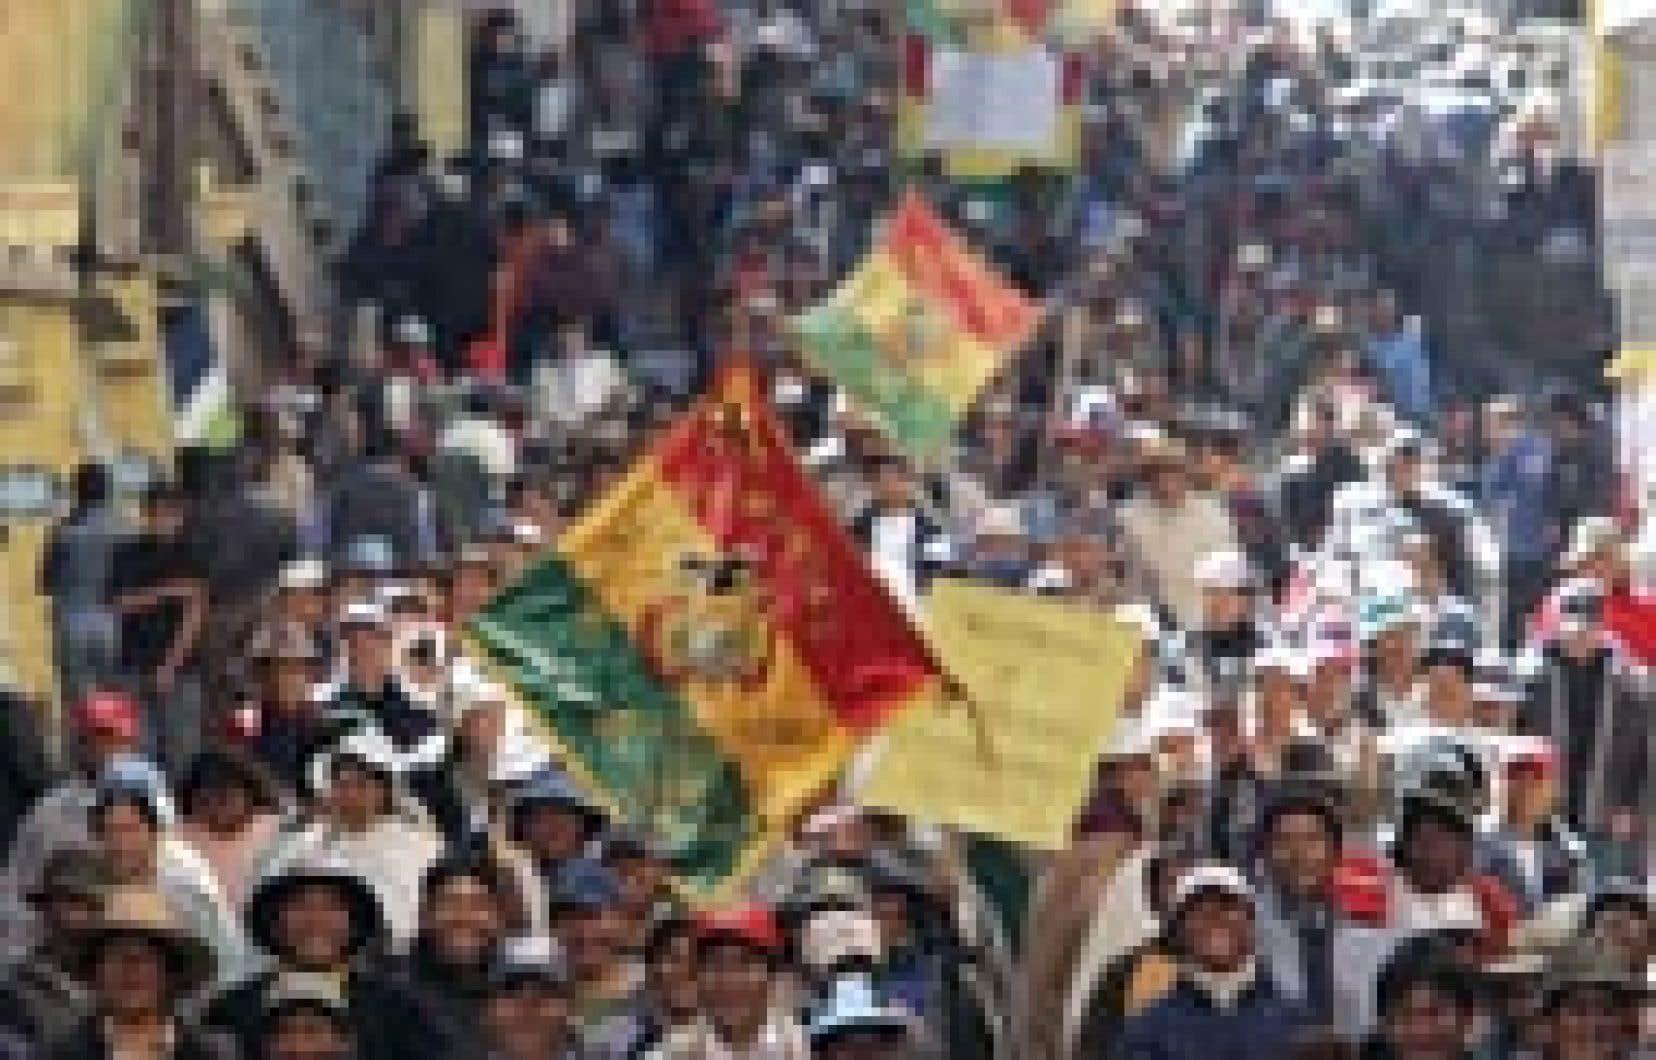 Le président bolivien, Carlos Mesa, a quitté hier après-midi le palais présidentiel et s'est réfugié chez lui, peu après qu'un groupe de manifestants eut presque réussi à briser un cordon de sécurité de la police.